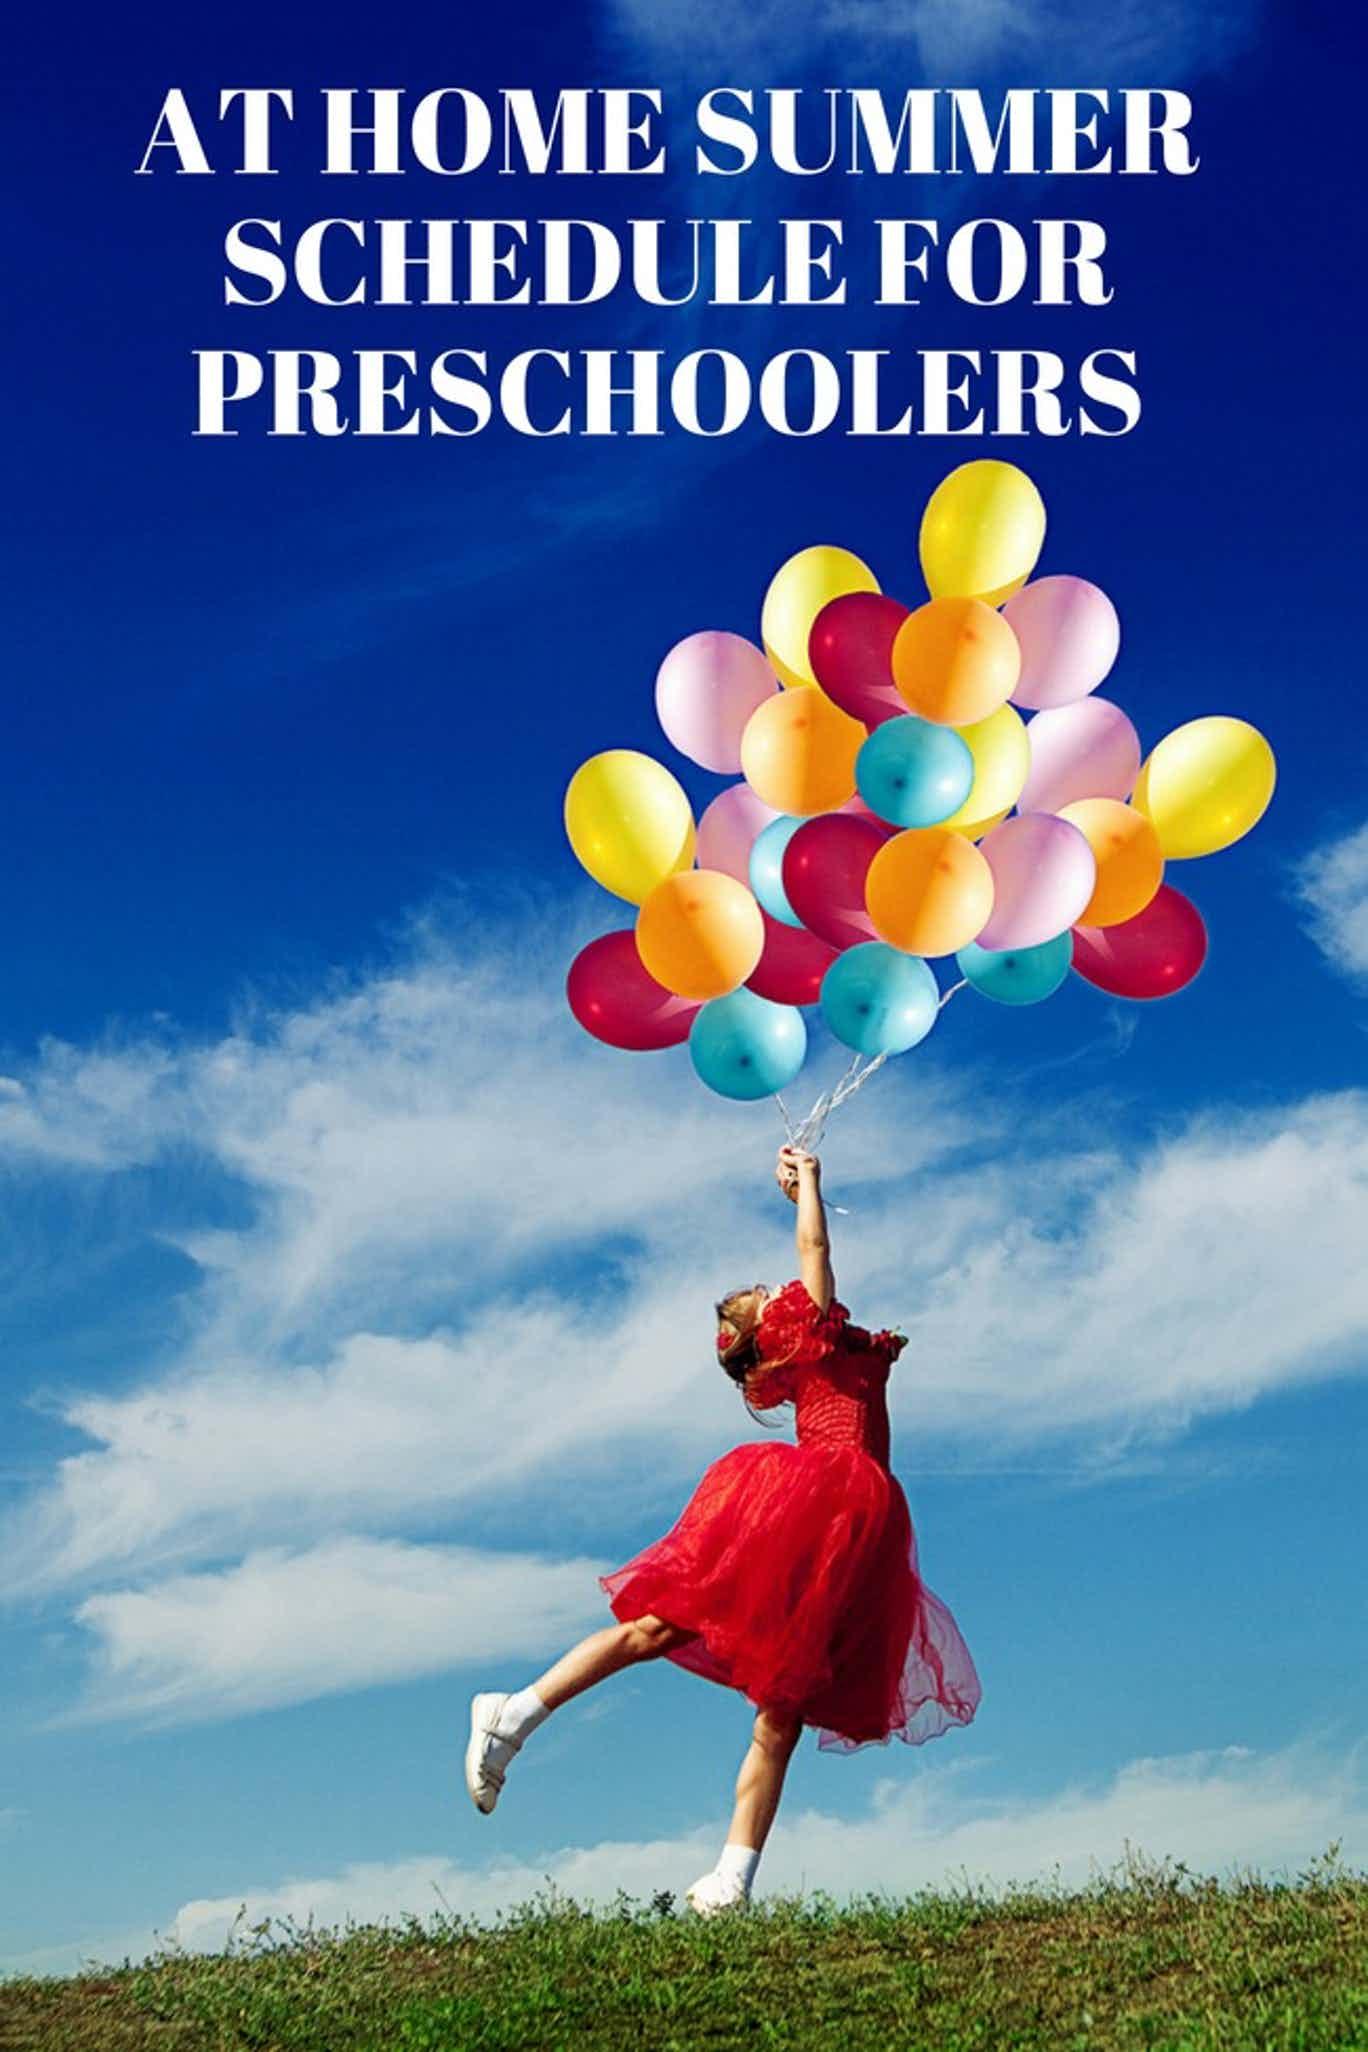 Preschool Summer Schedule